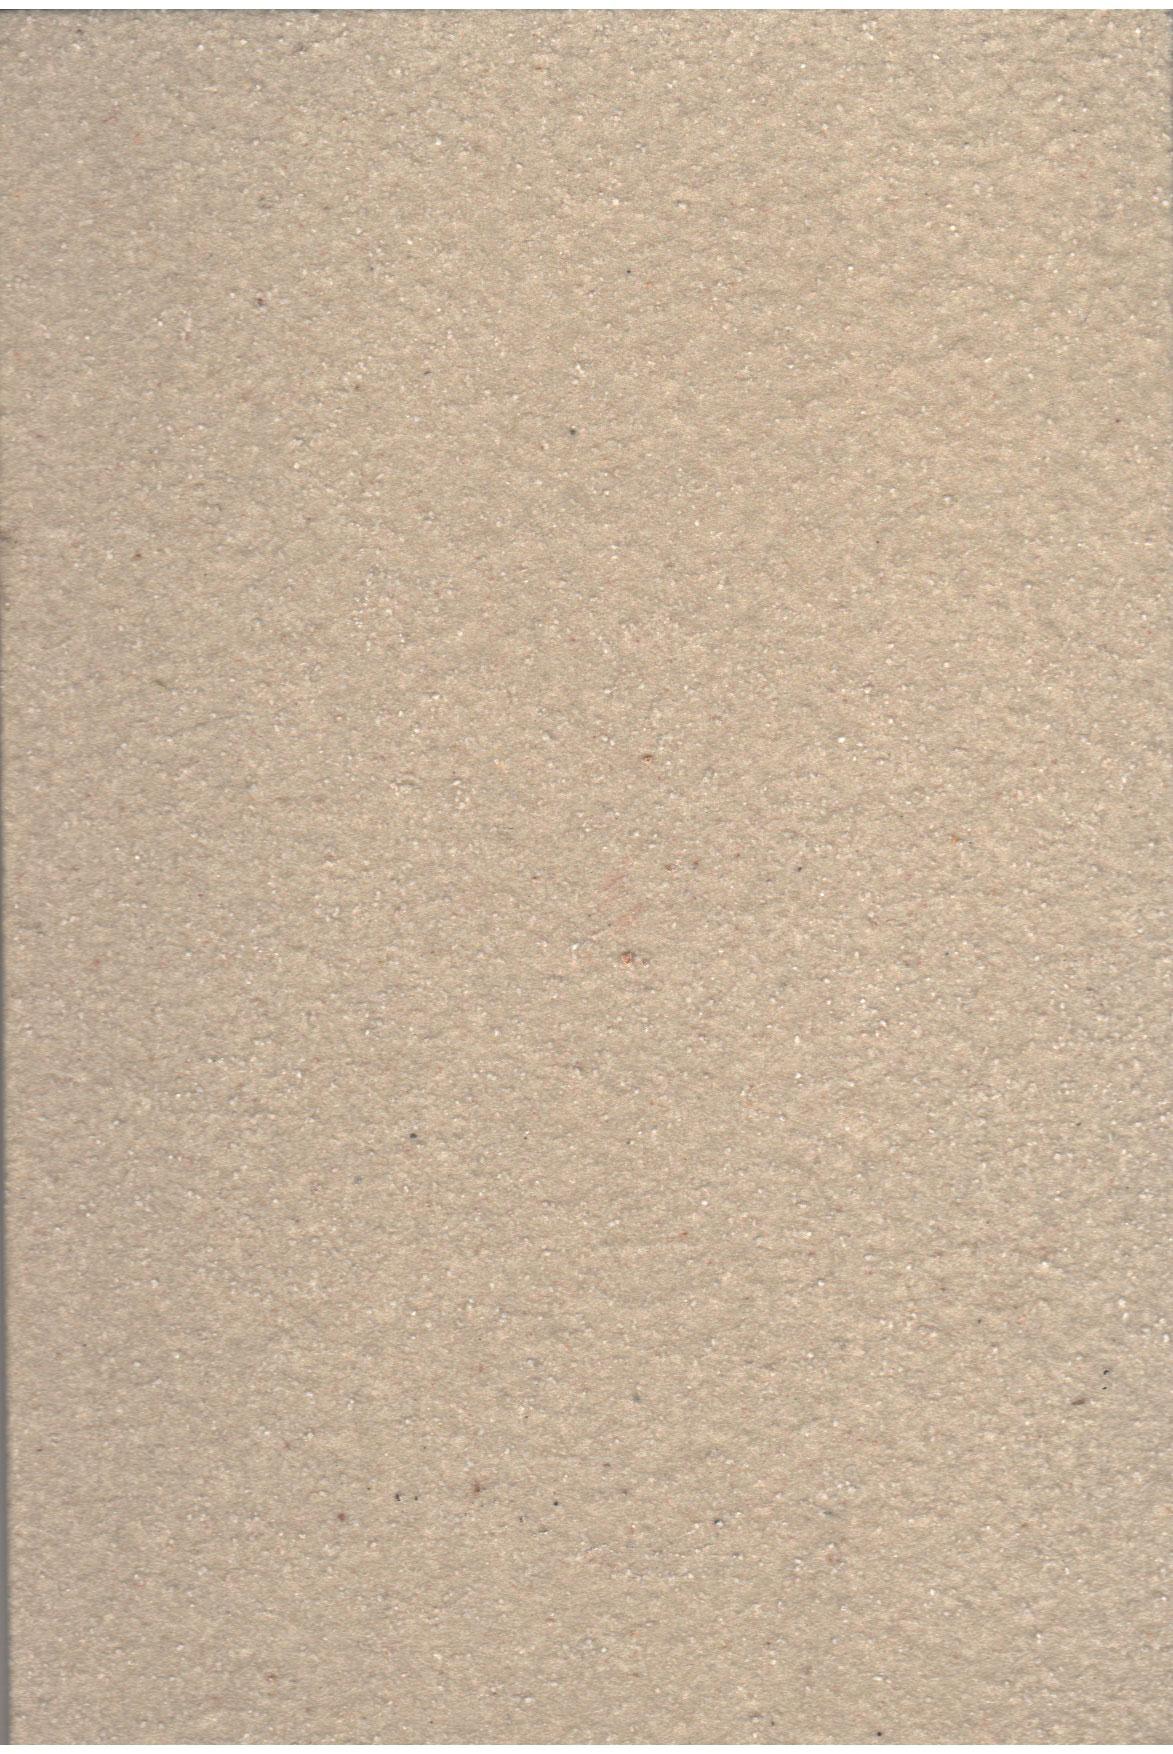 天然raybet雷竞技官网样板色